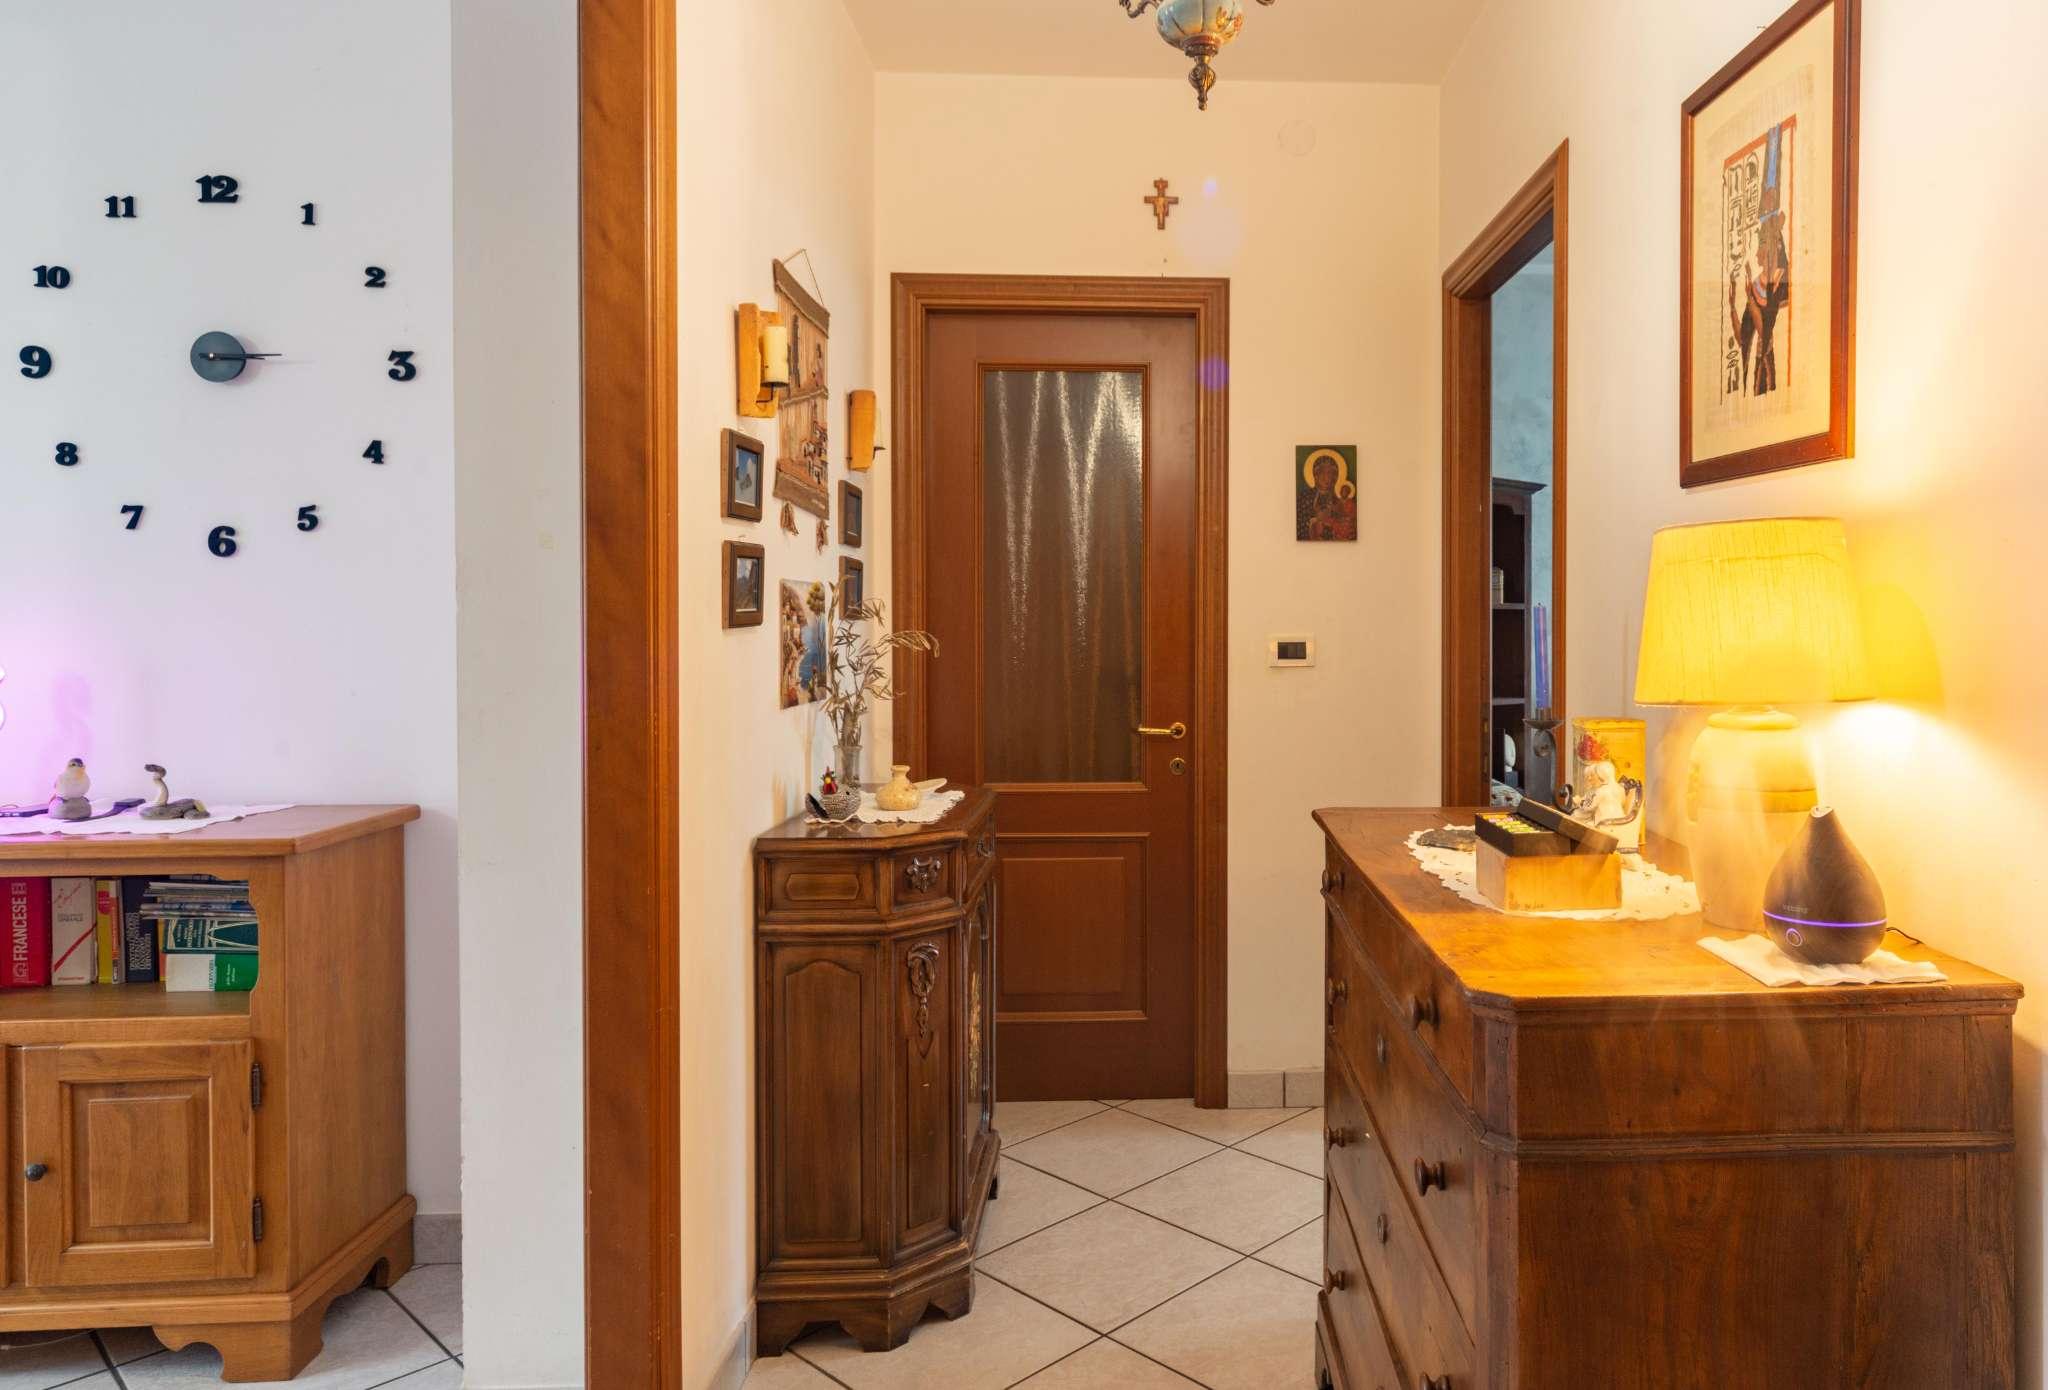 Appartamento in vendita a Dronero, 3 locali, prezzo € 82.500 | PortaleAgenzieImmobiliari.it